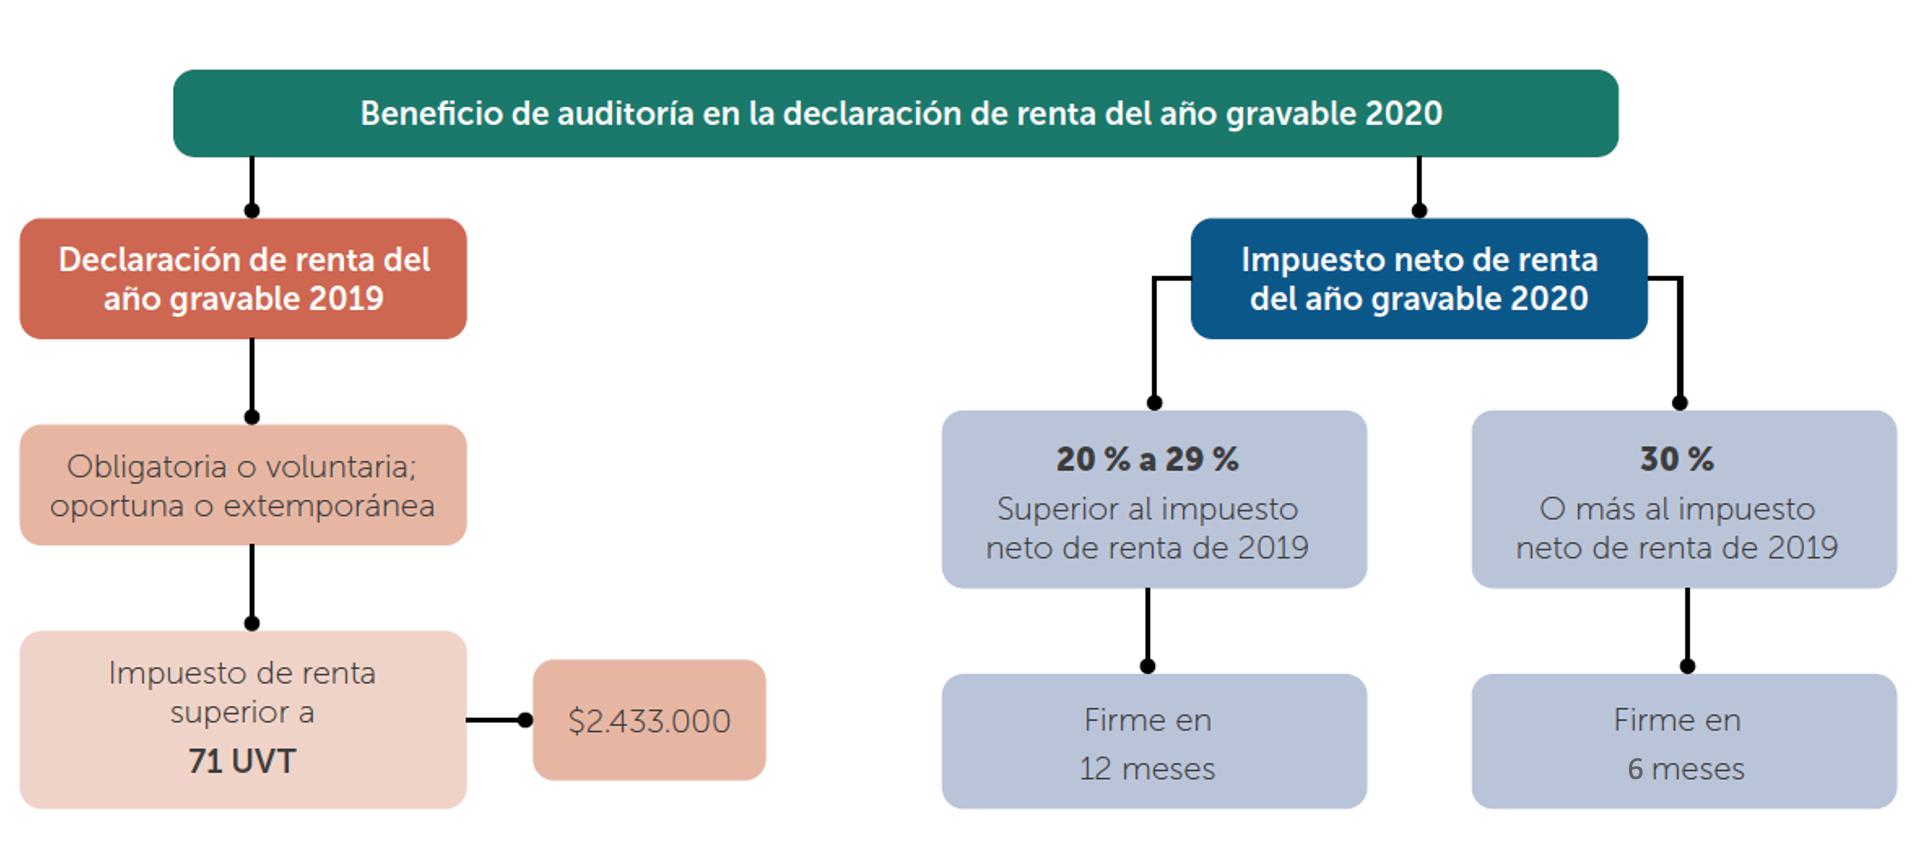 Beneficio de auditoría para personas jurídicas – año gravable 2020